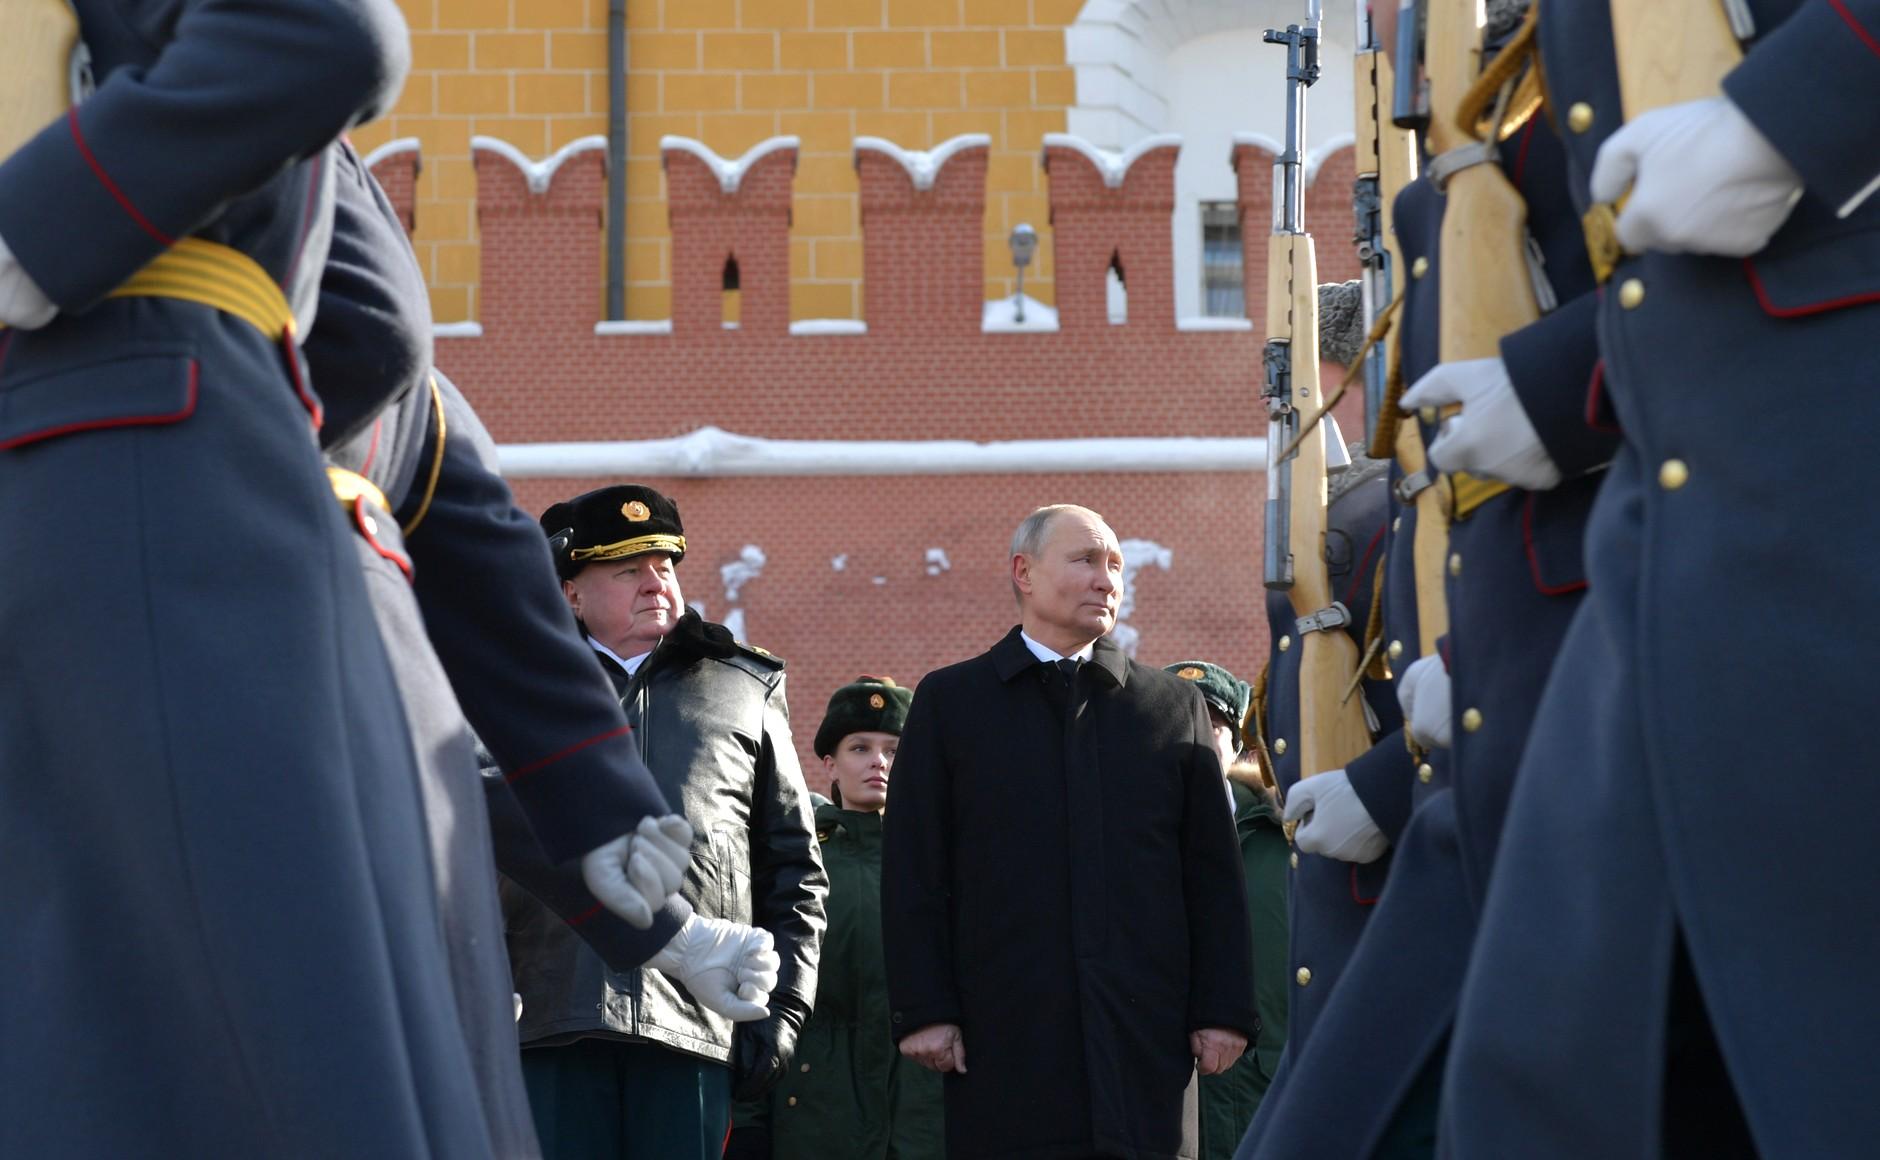 KREMLIN 3 WW 7 Le président a déposé une couronne sur la tombe du soldat inconnu à l'occasion de la Journée du défenseur de la patrie 23.02.2021